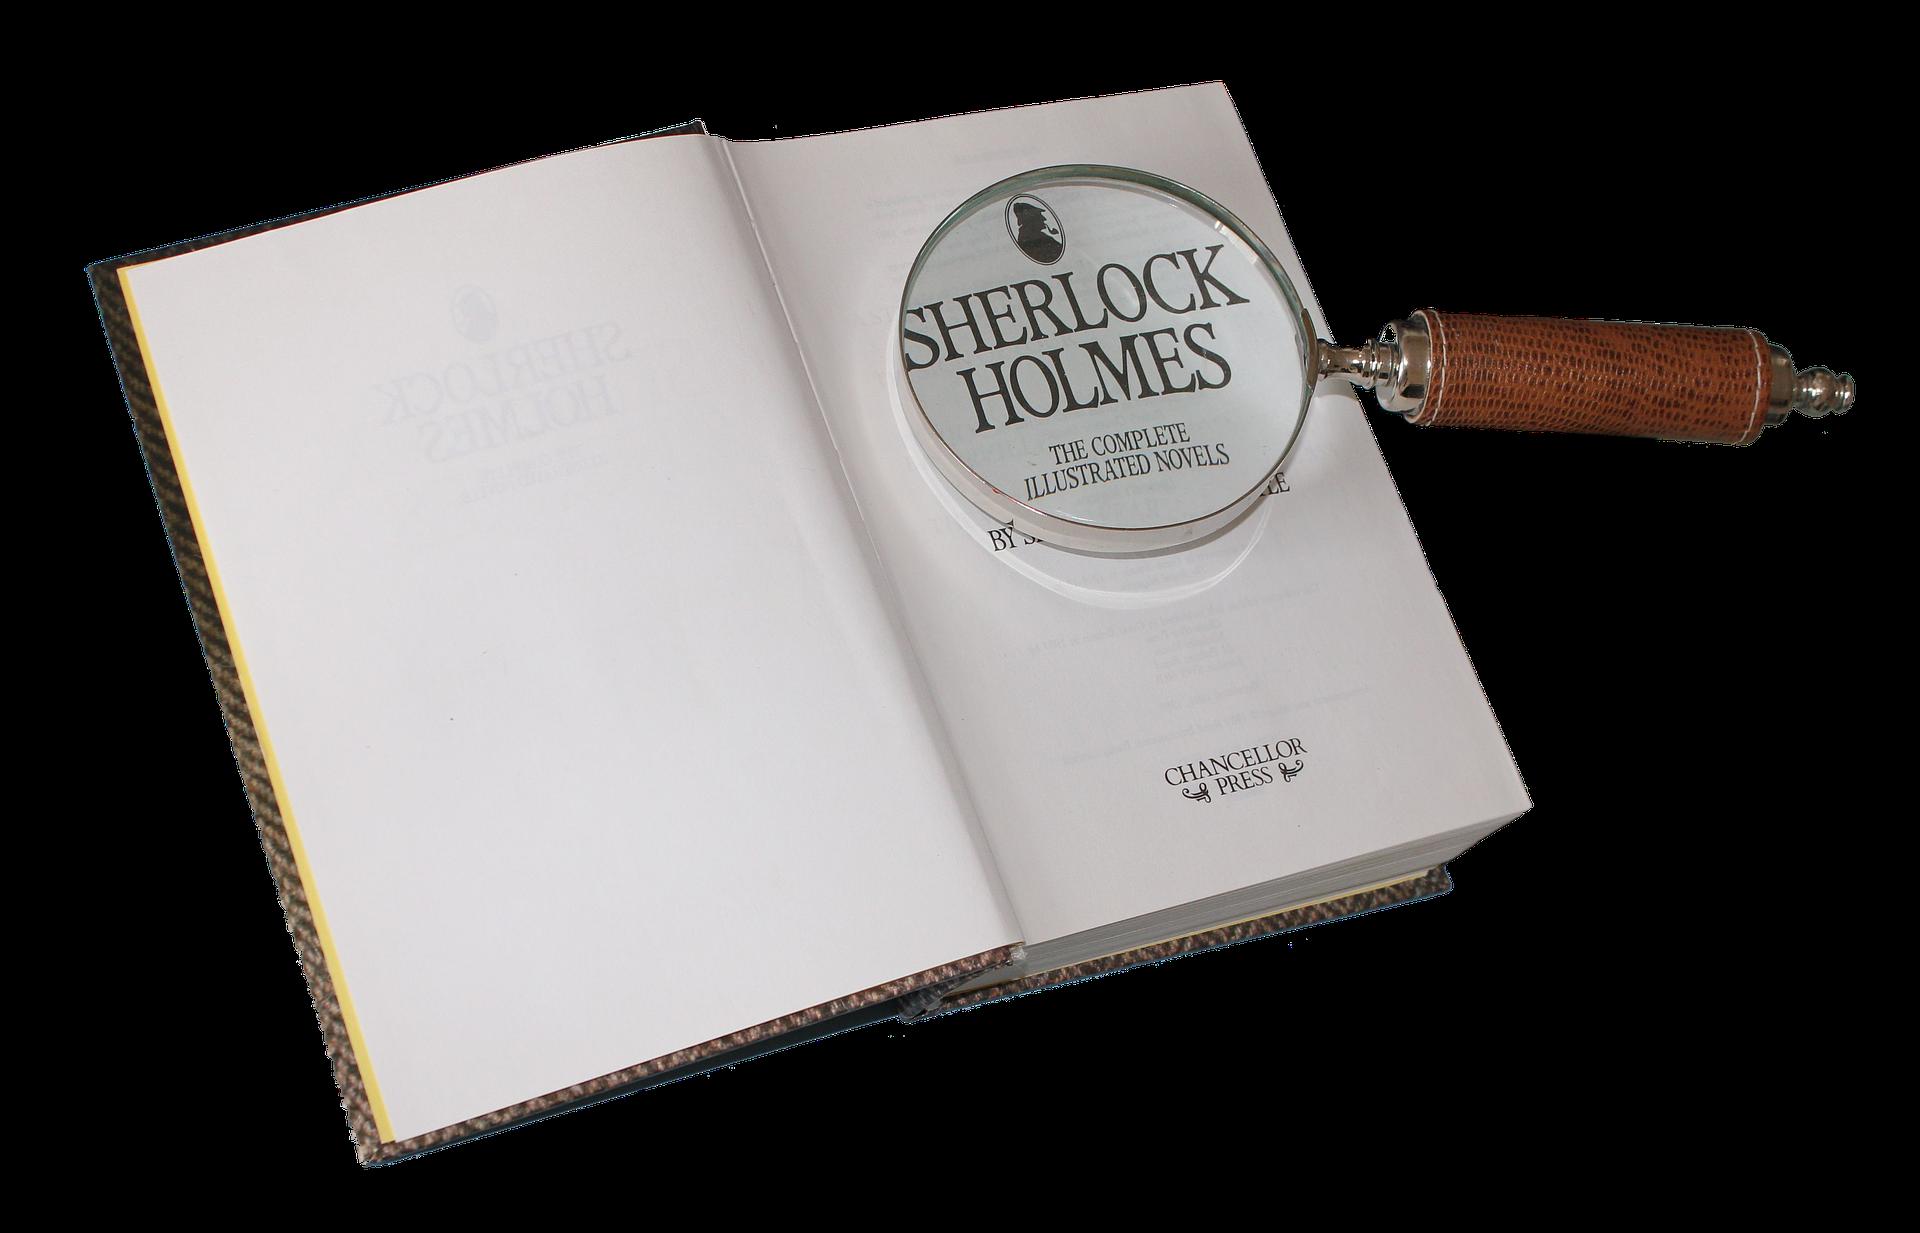 映画「シャーロック・ホームズ シャドウゲーム」名探偵が最大の敵と対峙する